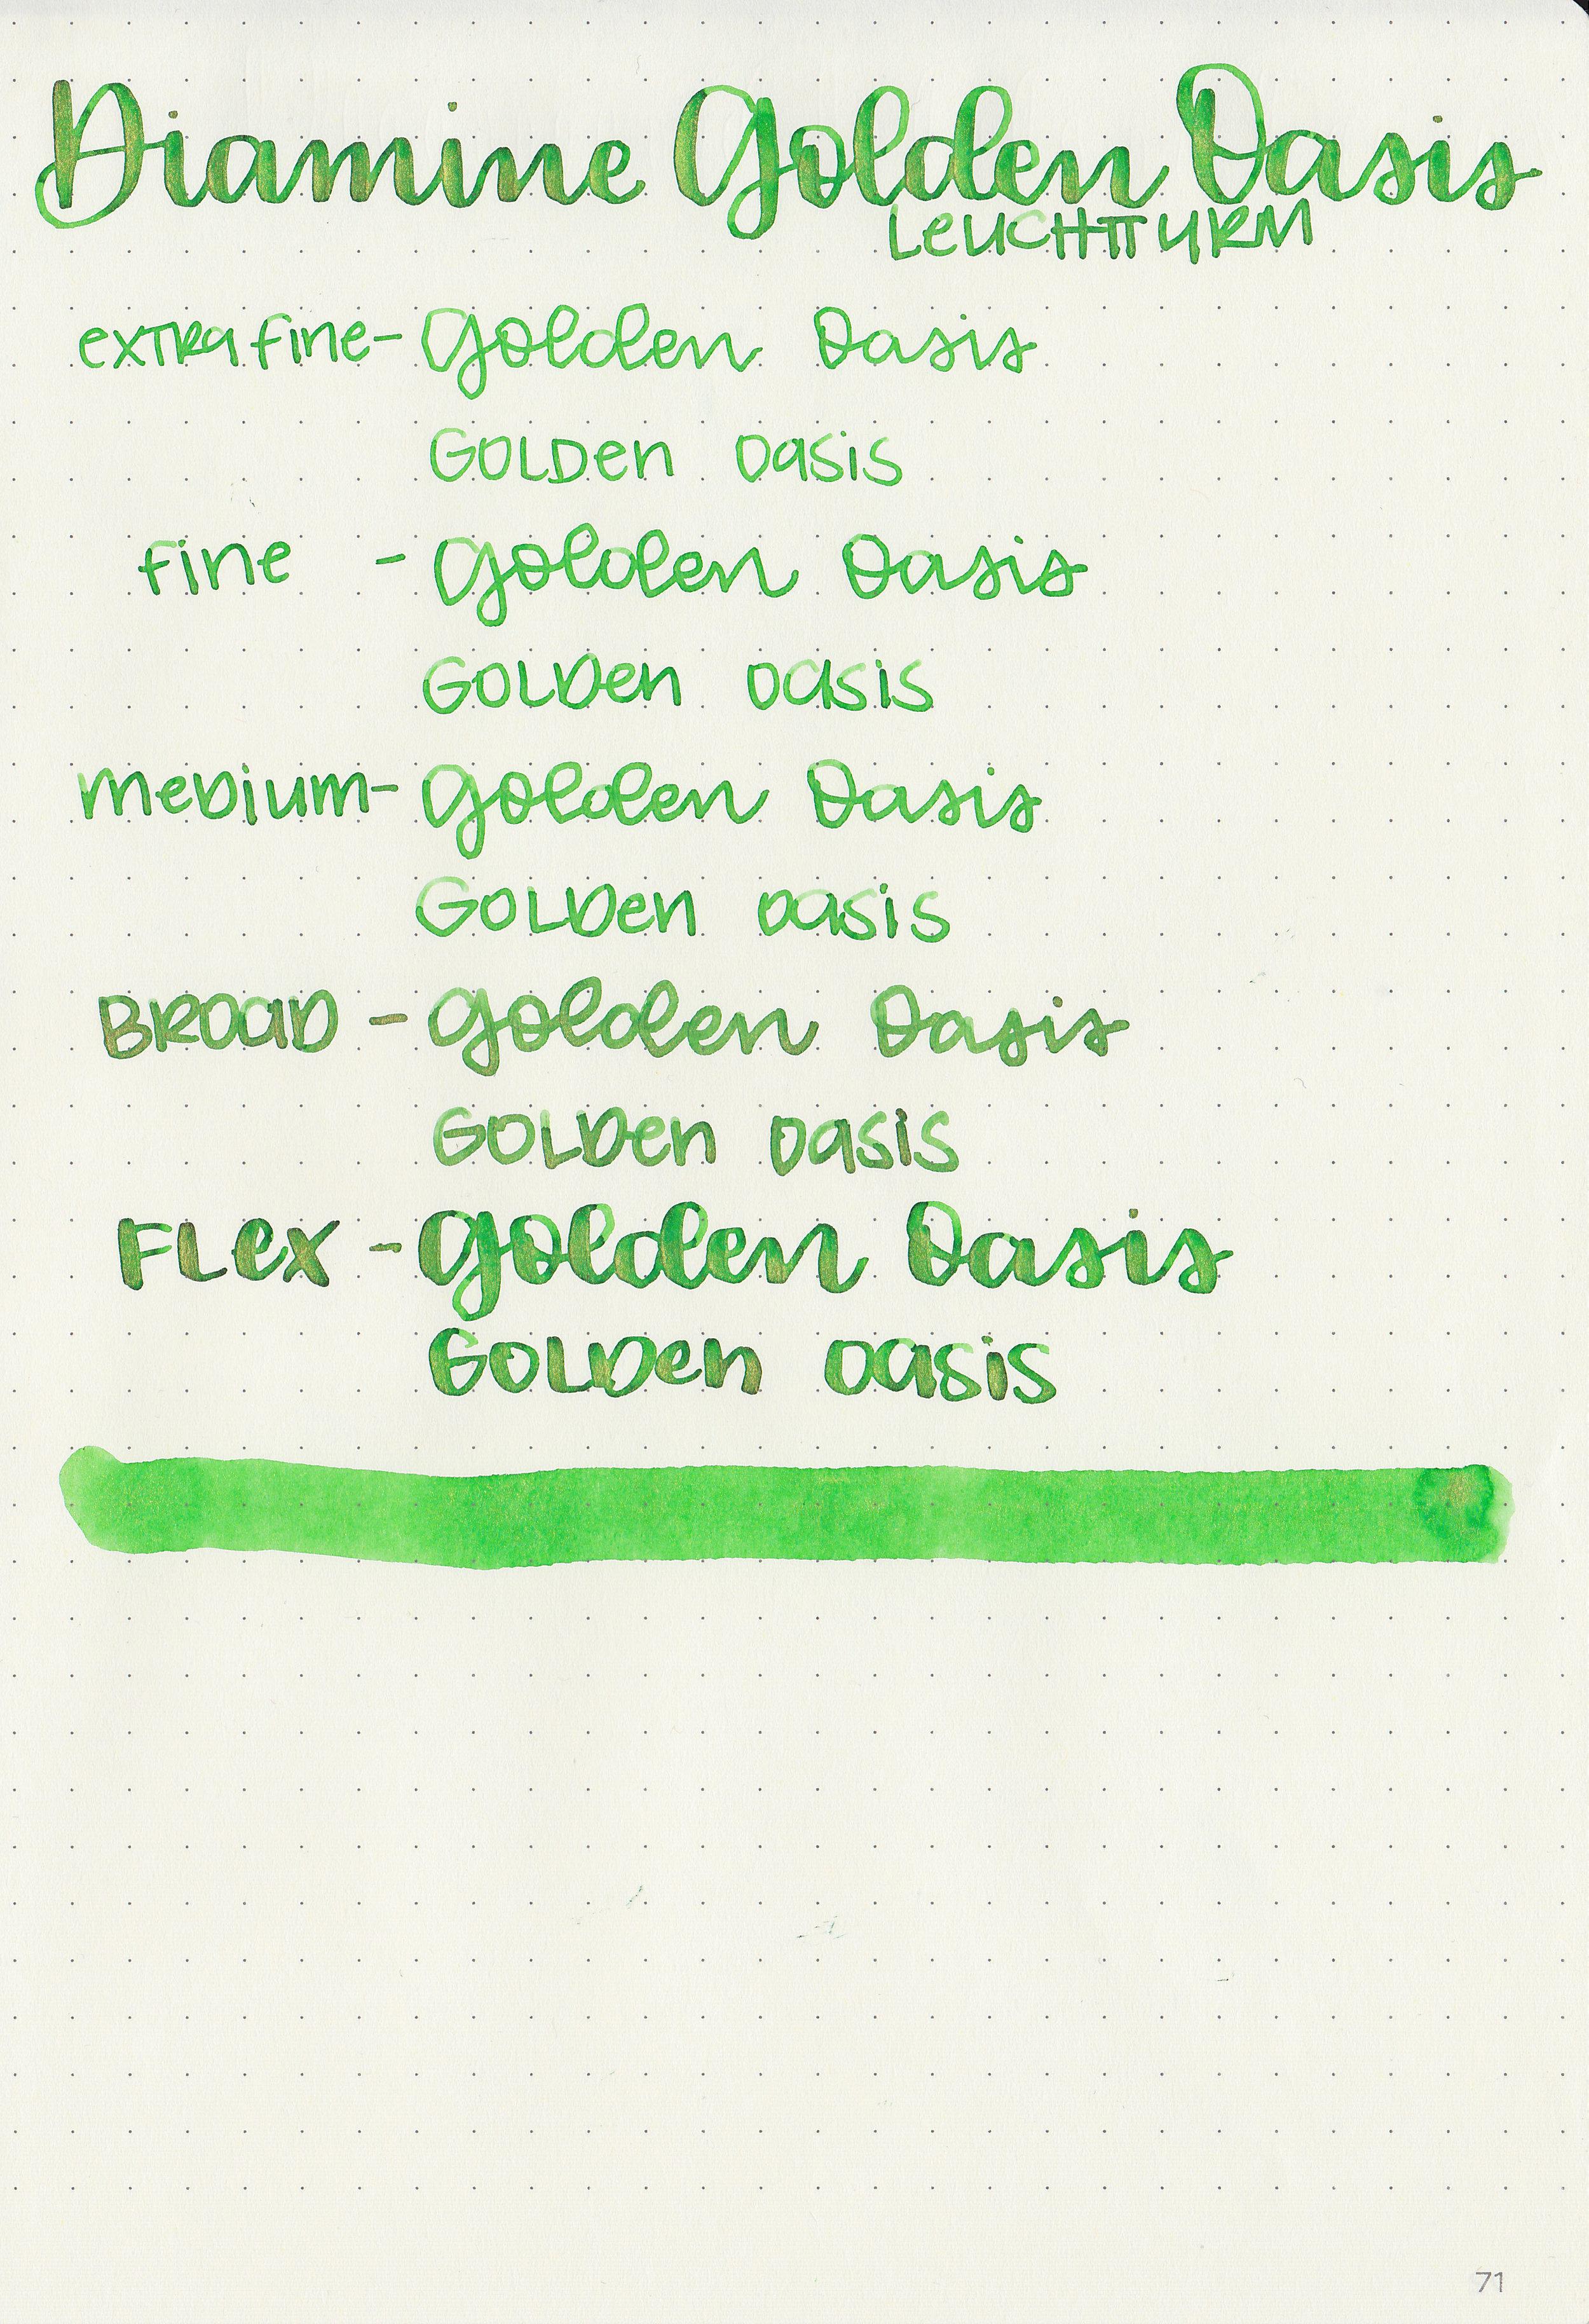 d-golden-oasis-7.jpg